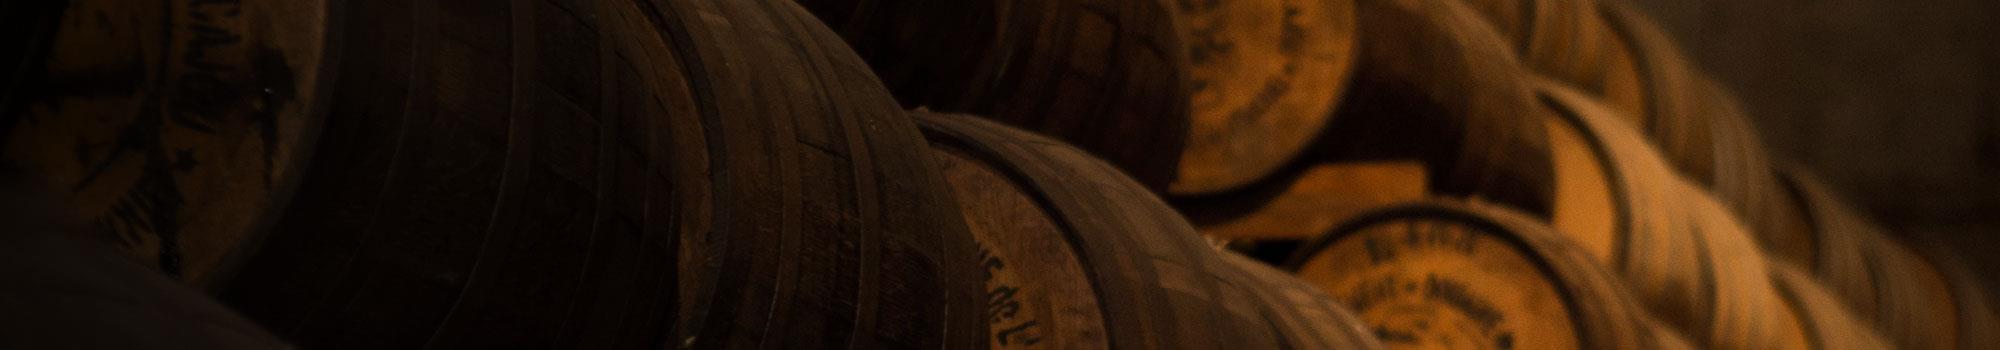 Blended Malt Whisky